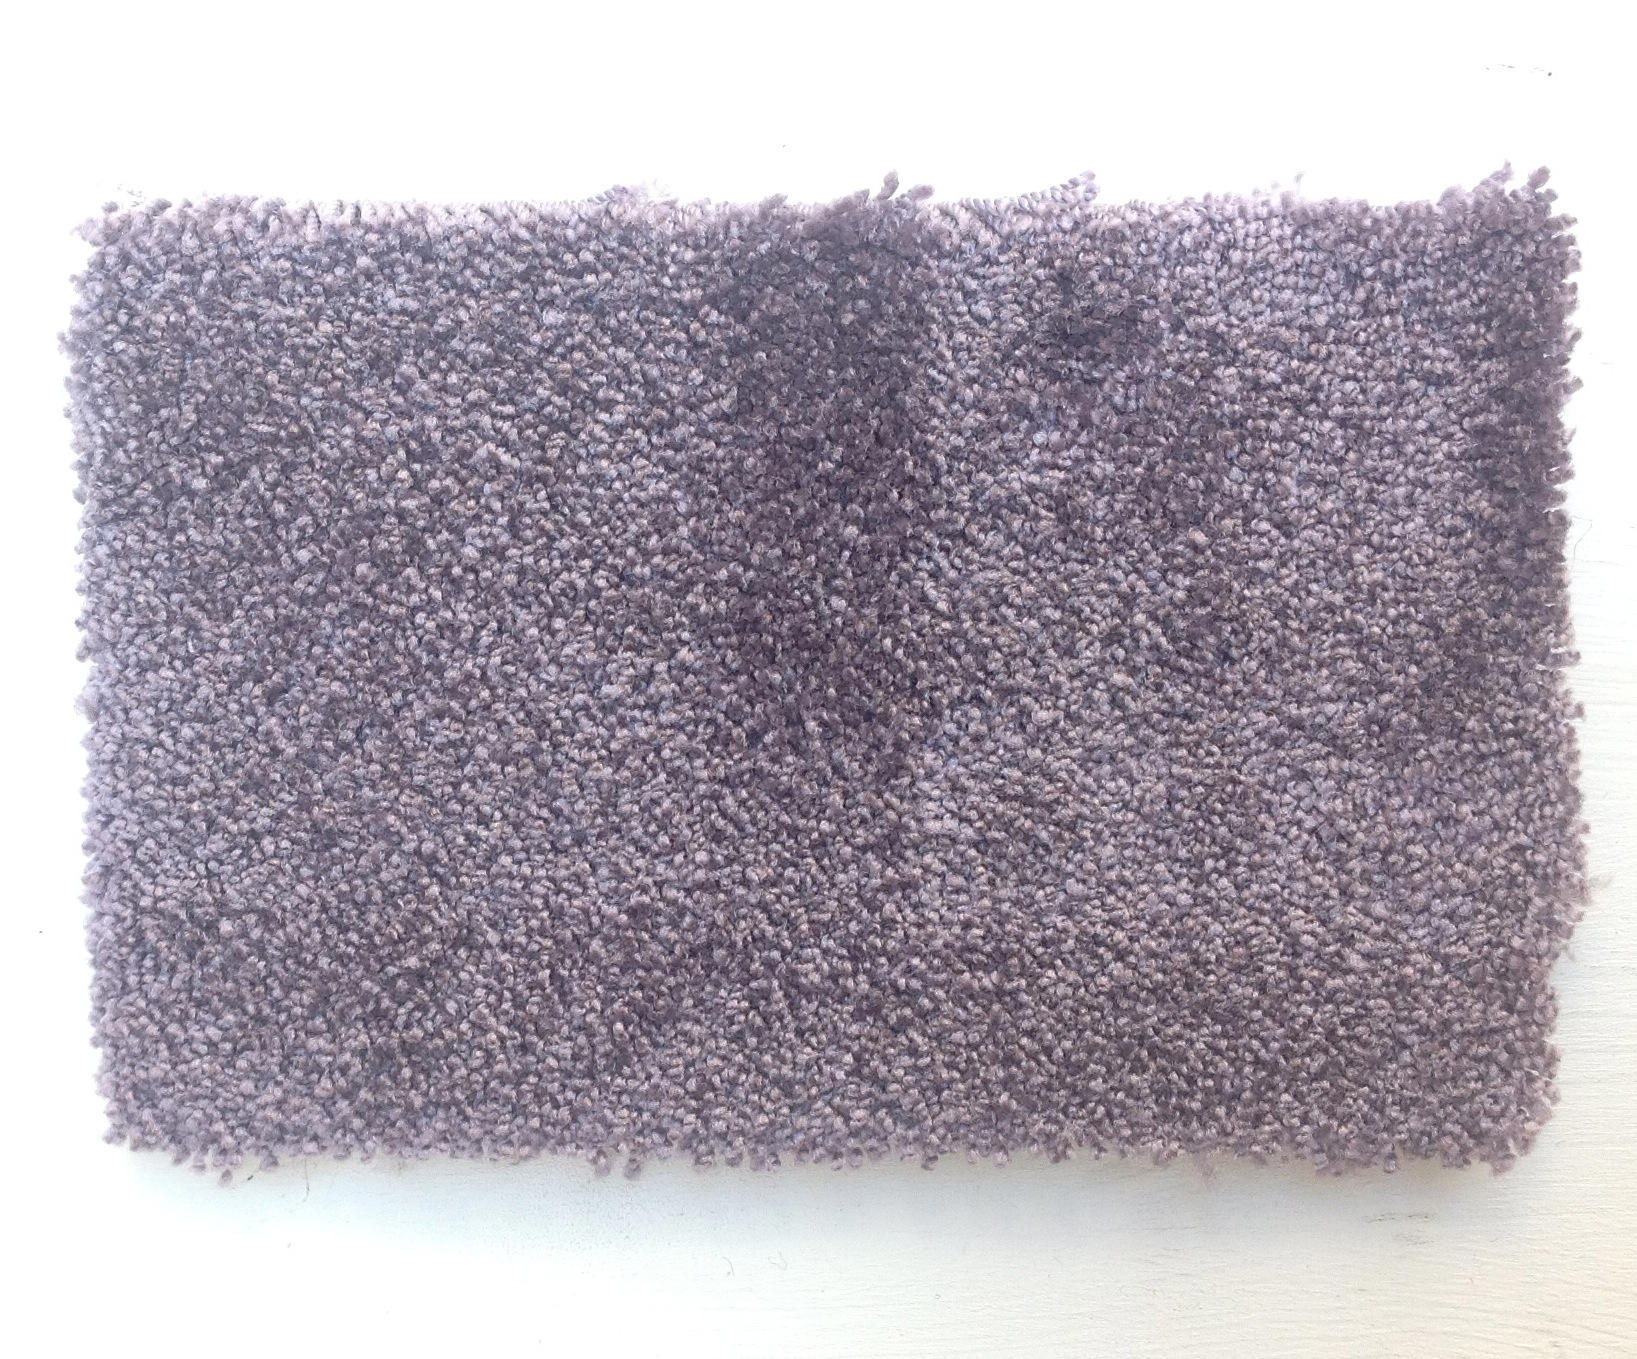 Tienda online alfombras ao frivolo 001 efekto seda - Alfombras kp efecto seda ...